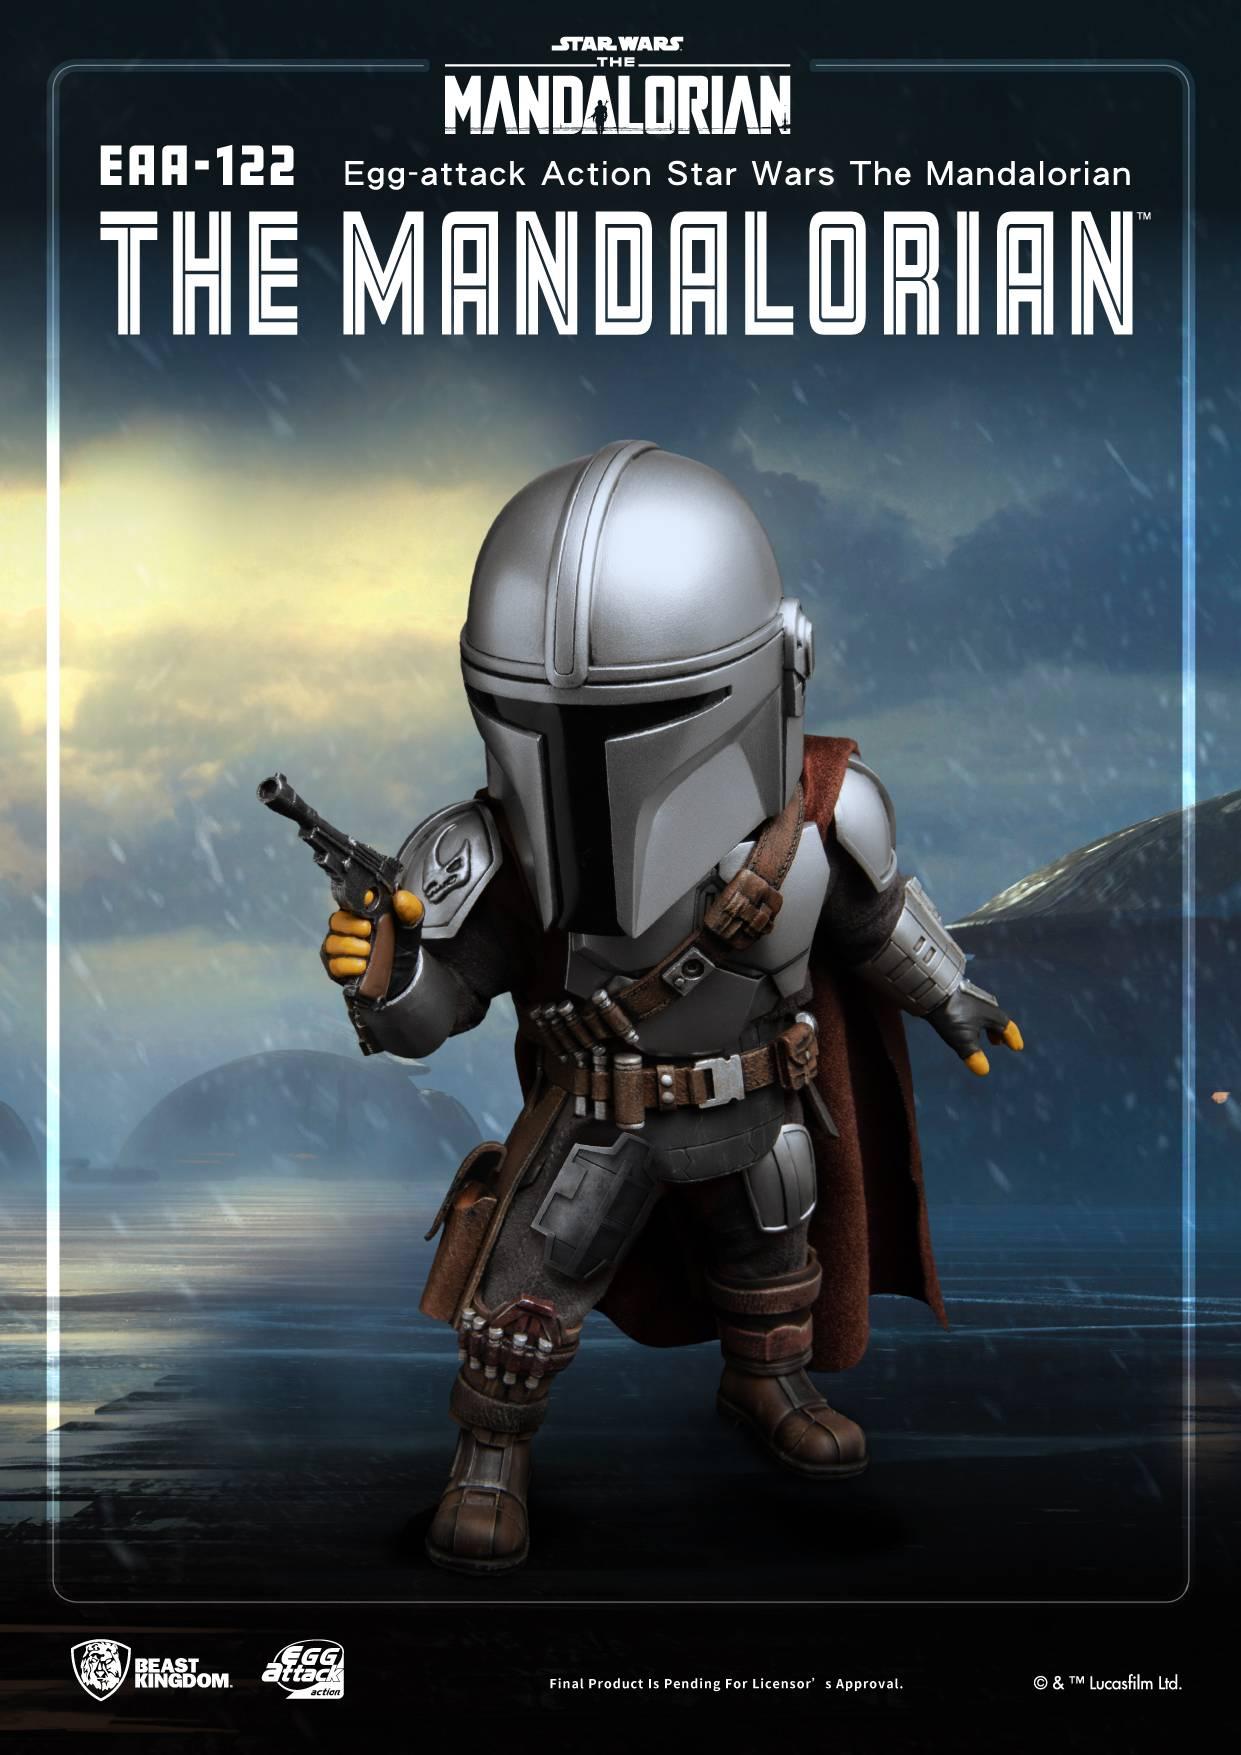 Disney's Mandalorian!